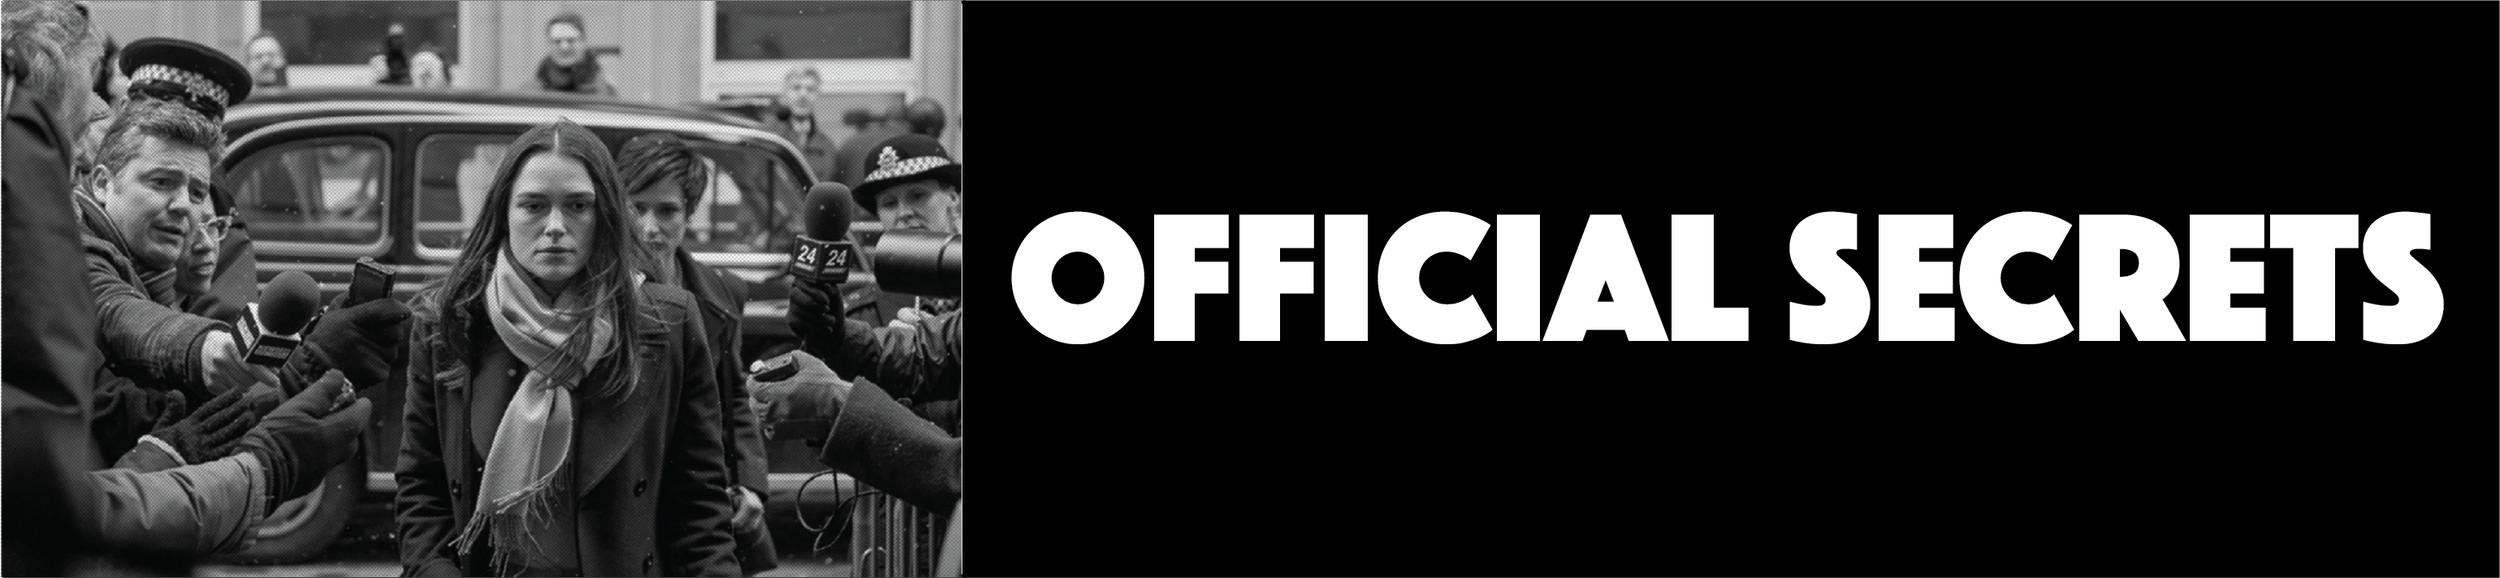 OFFICIAL_SECRETS.png